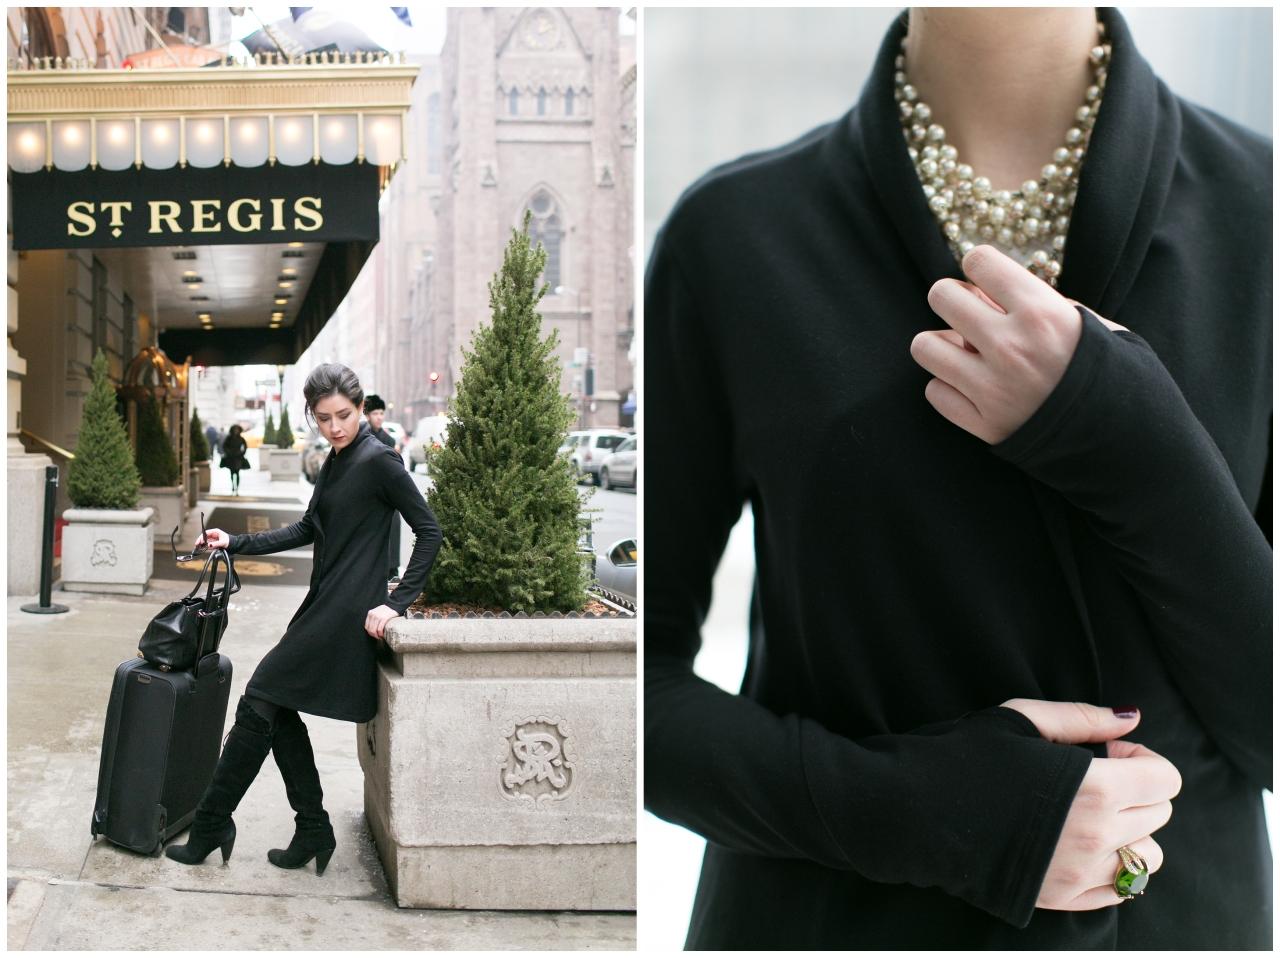 New York Fashion : Mekina Saylor